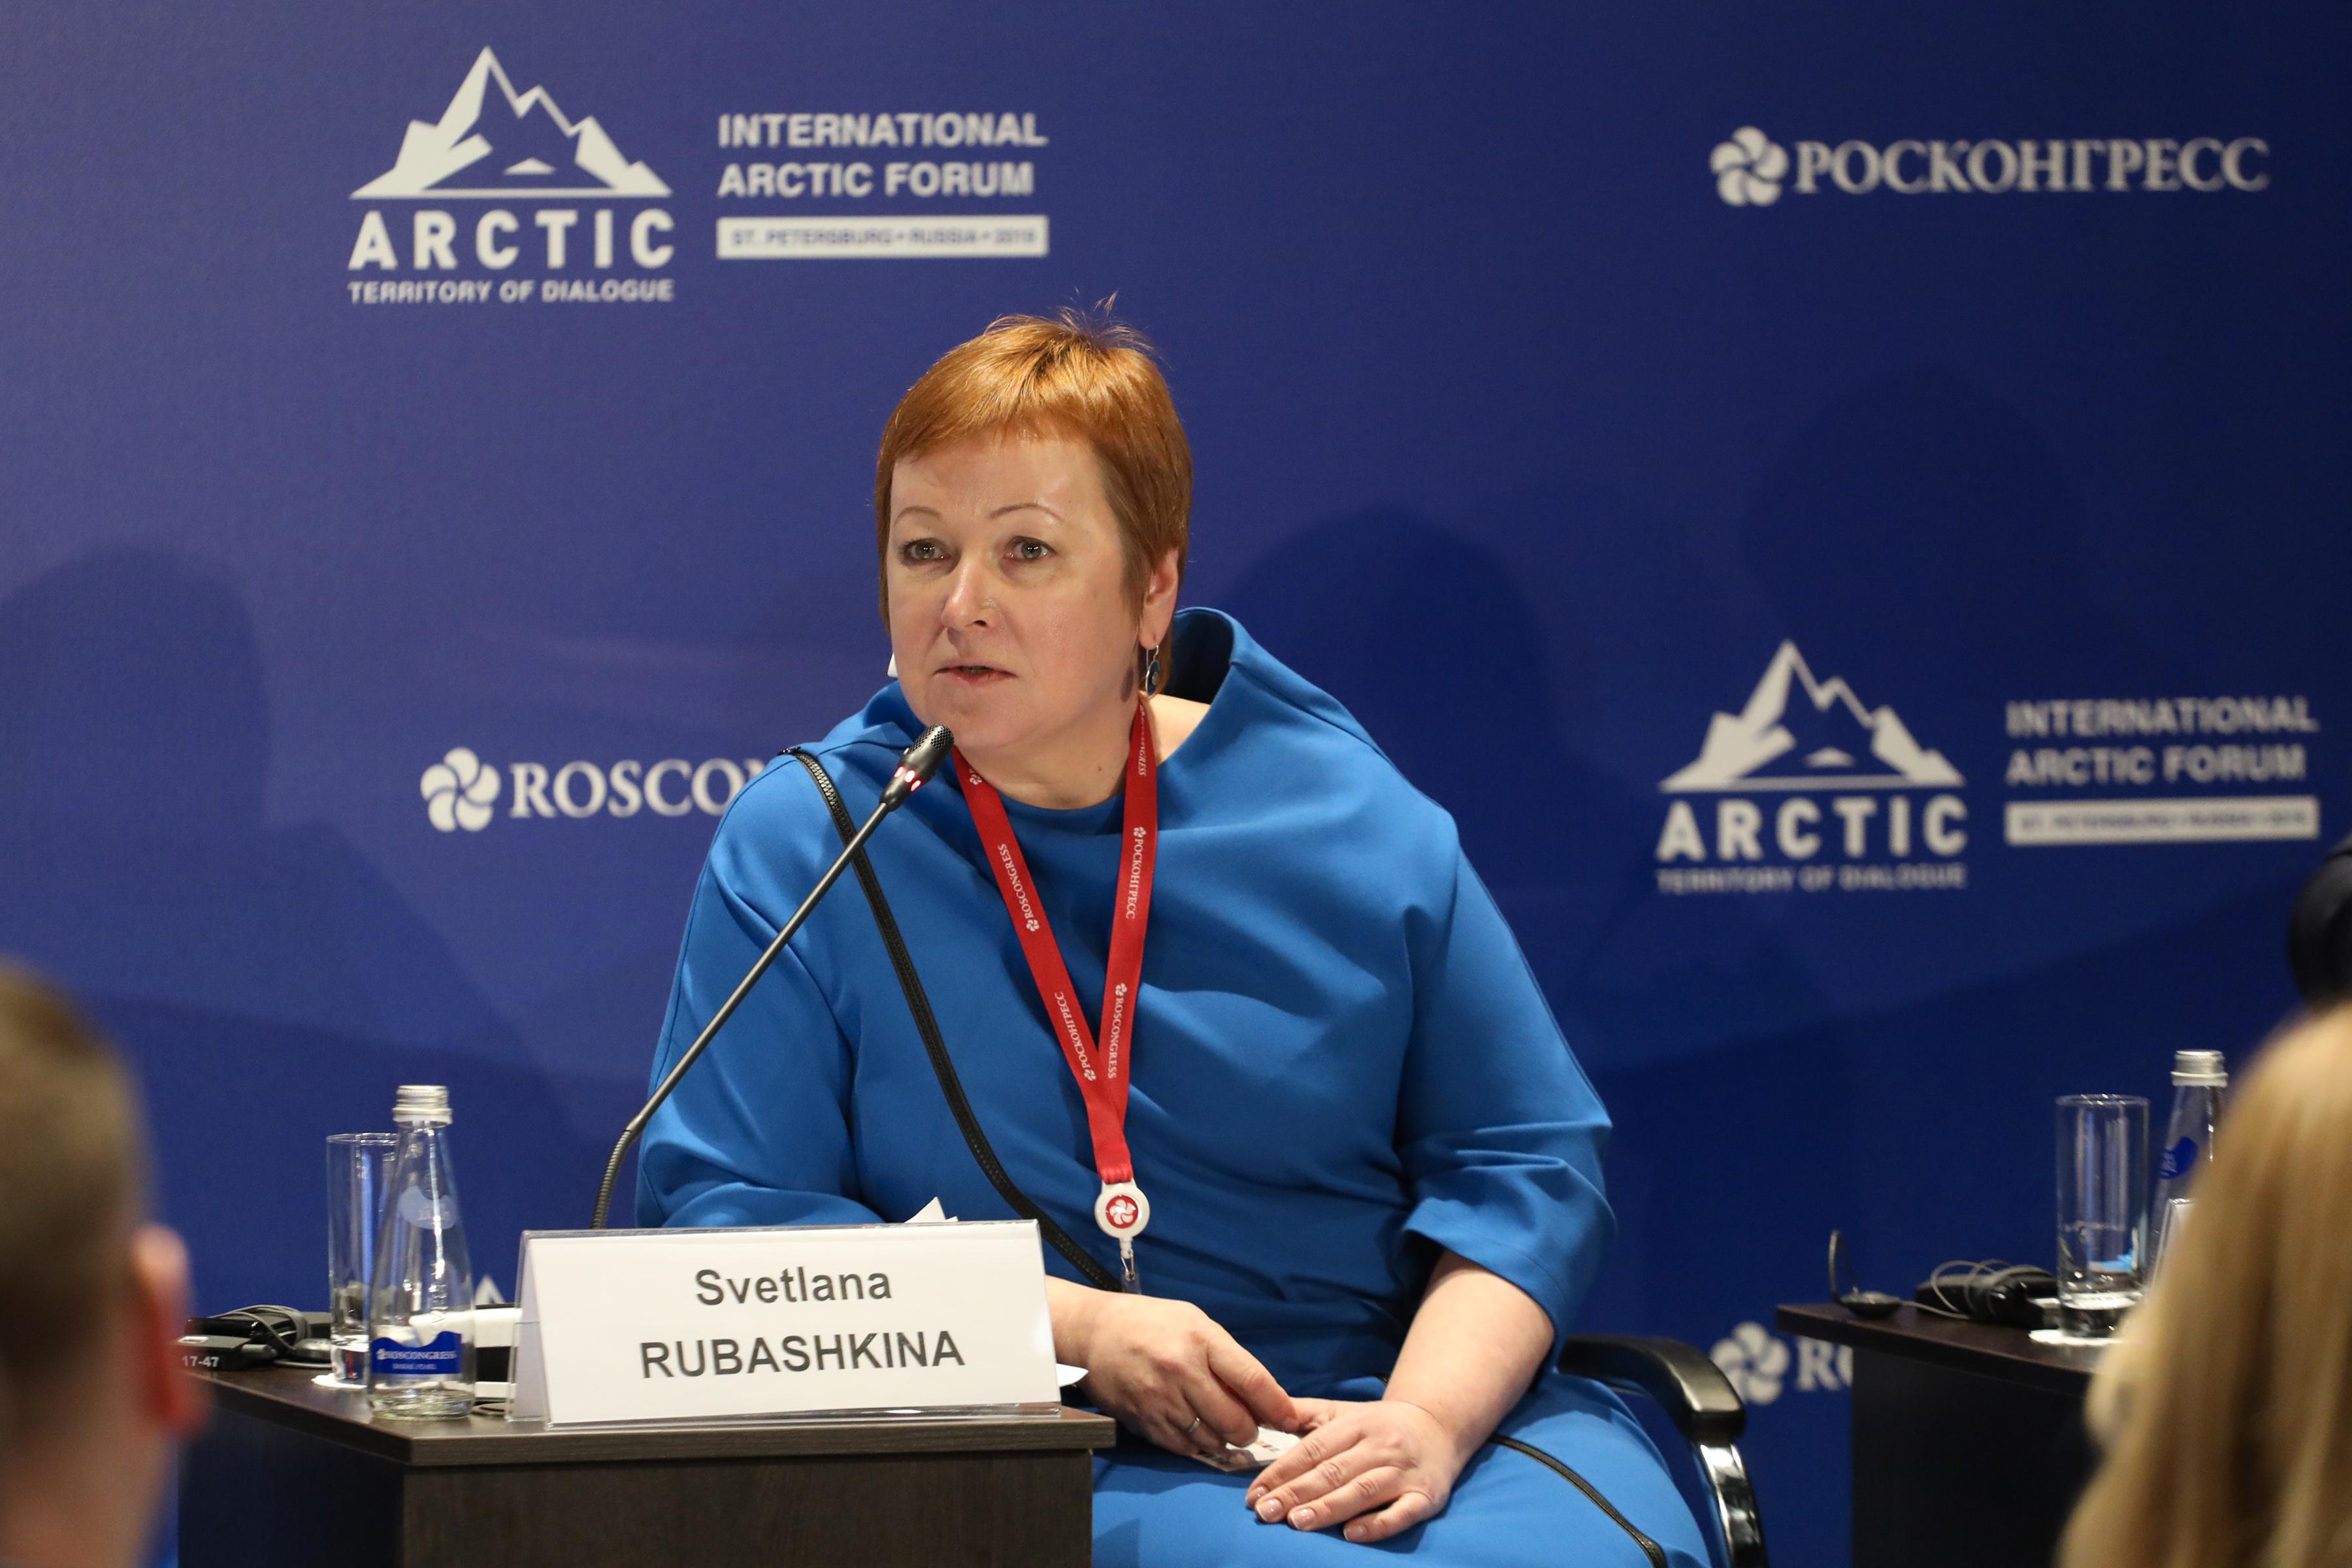 Директор АРН Светлана Рубашкина поделилась опытом работы с участниками Арктического форума